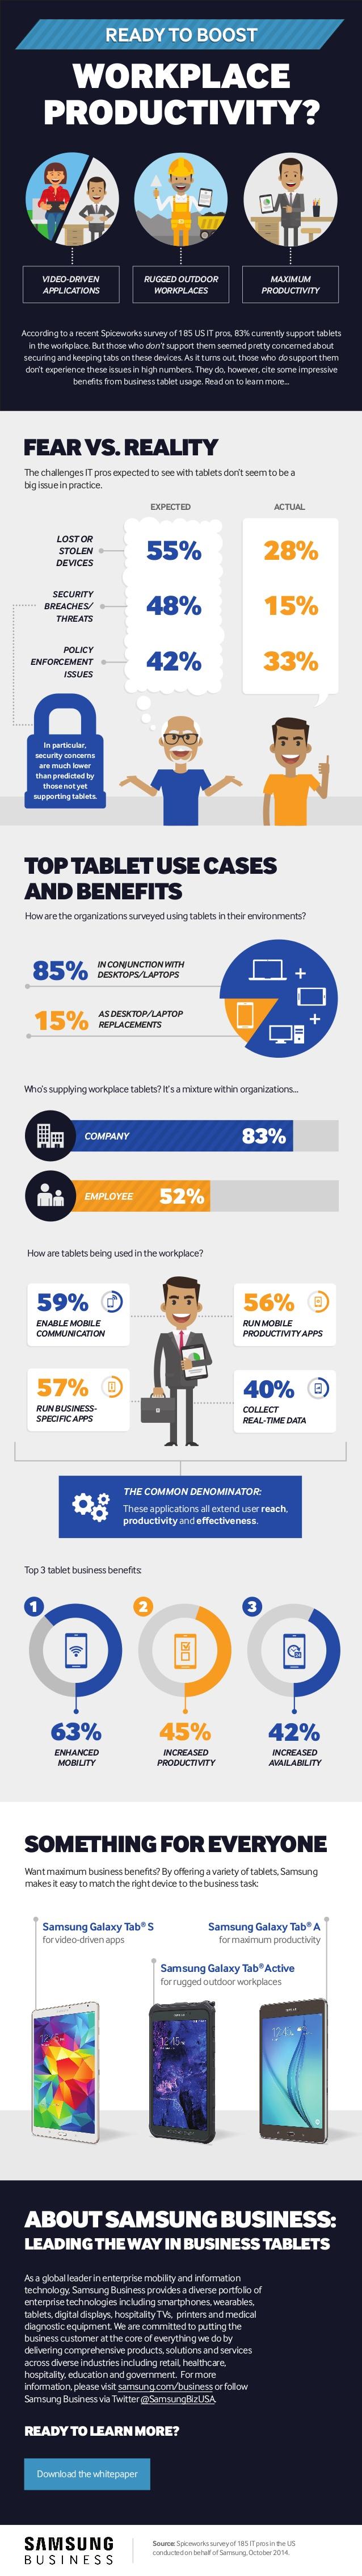 Tabletas y productividad en el trabajo